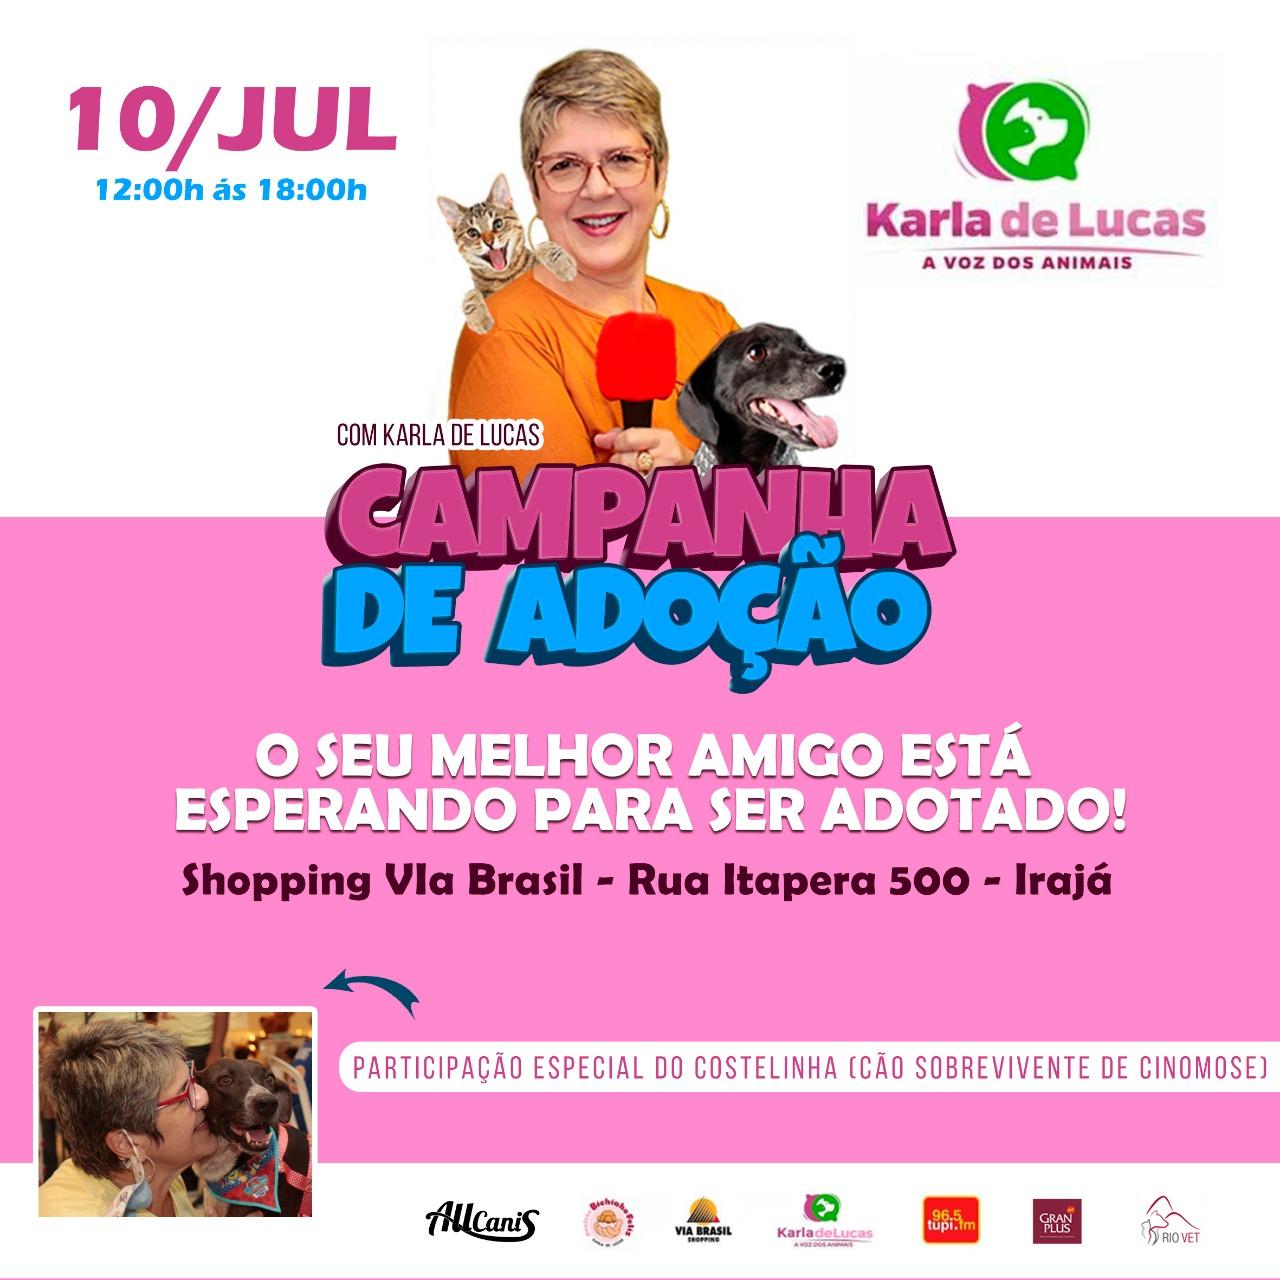 Karla de Lucas promove 'Campanha de adoção' de cães e gatos na Zona Norte do Rio (Divulgação)